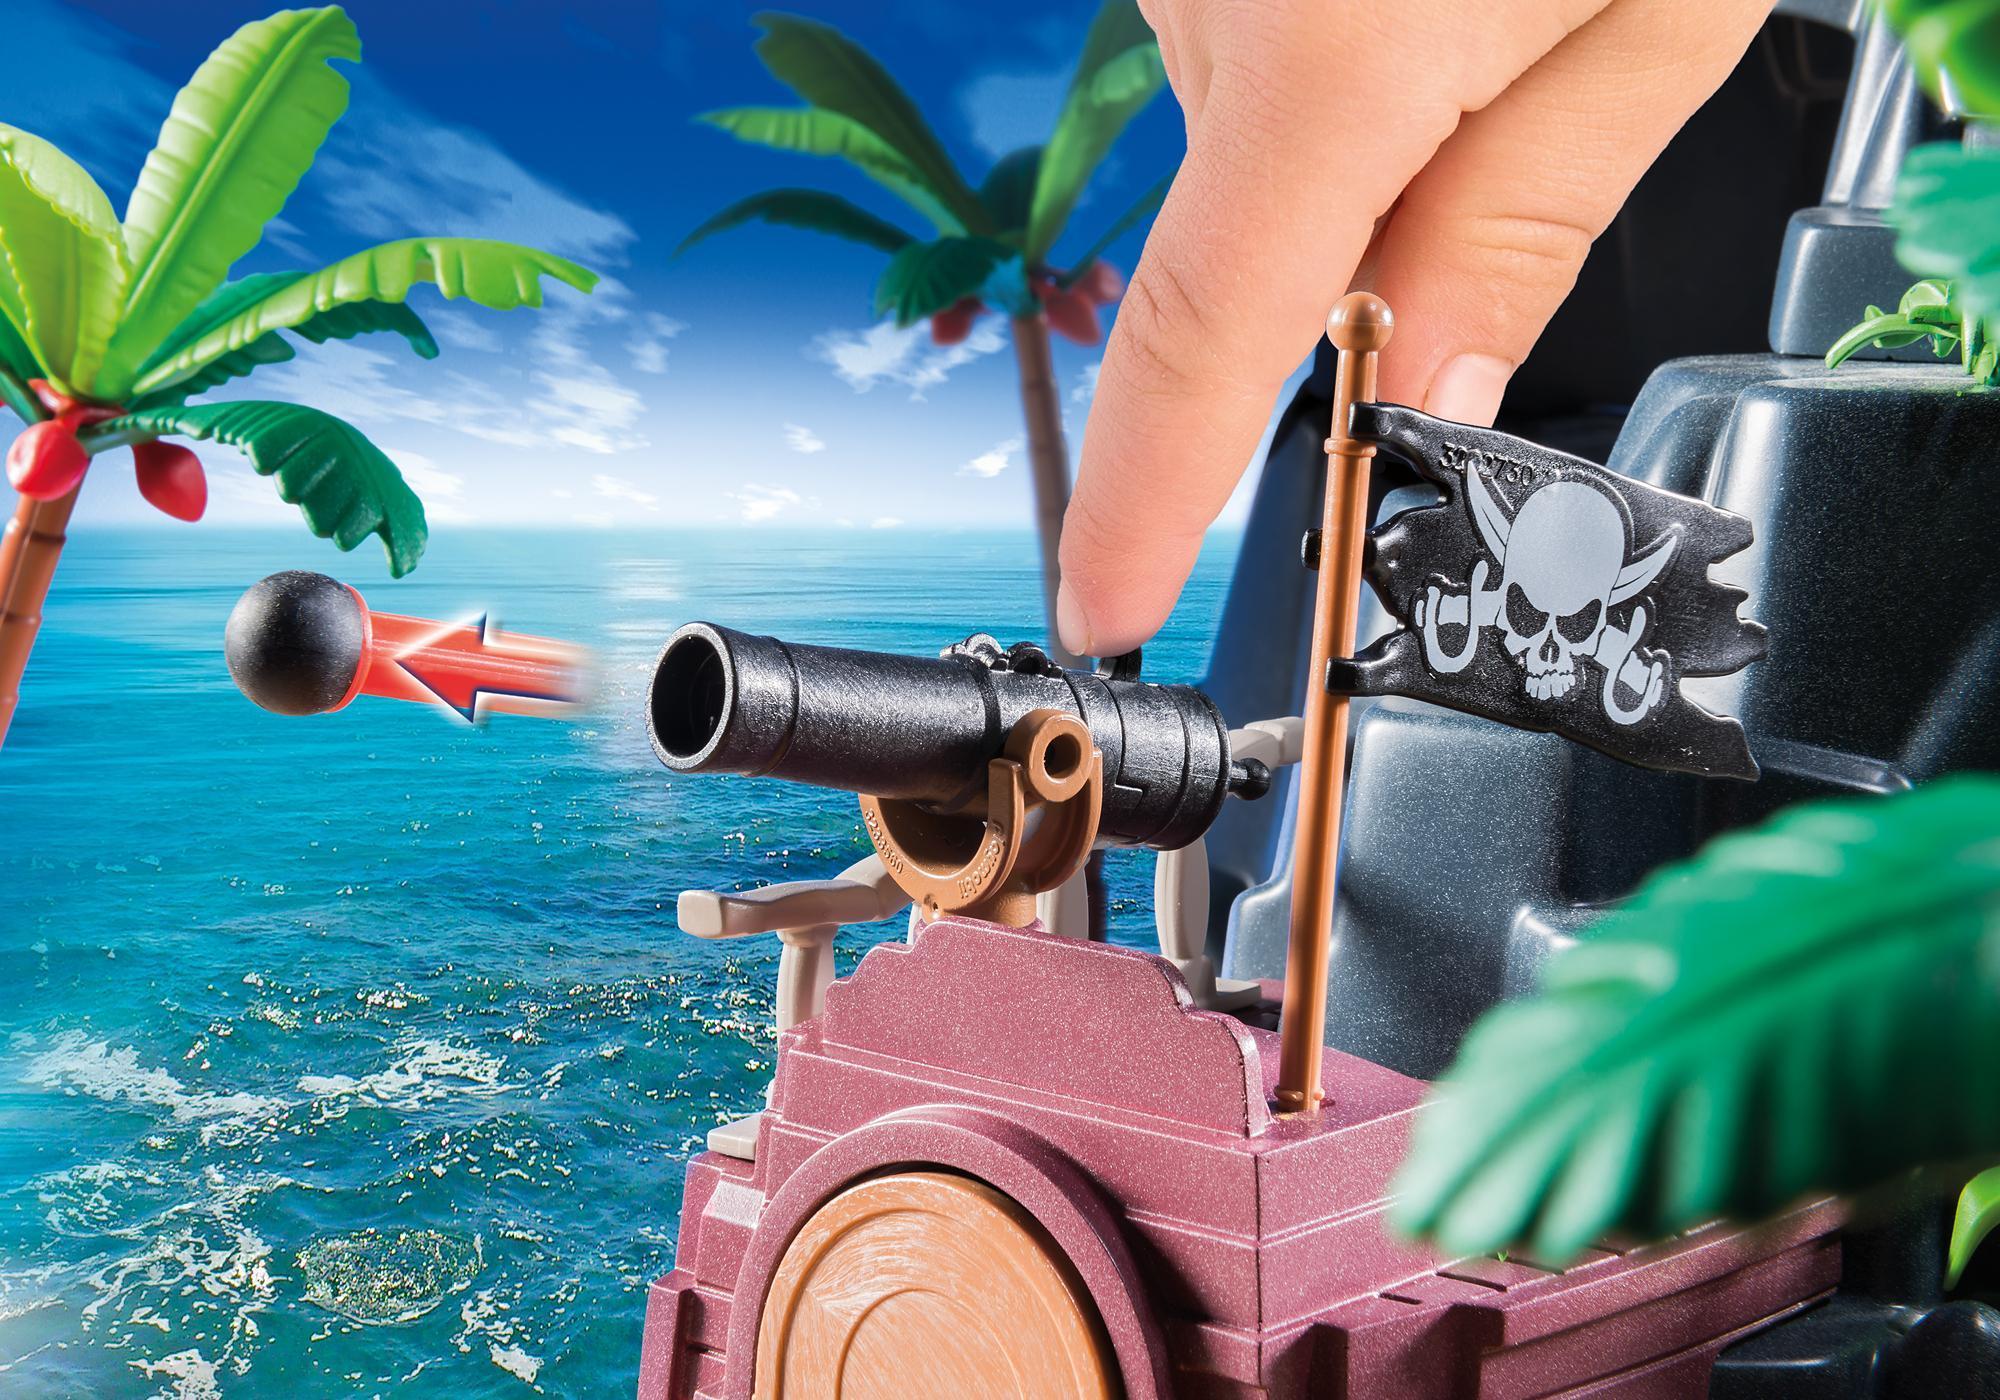 http://media.playmobil.com/i/playmobil/6679_product_extra4/Ilha do Tesouro dos Piratas